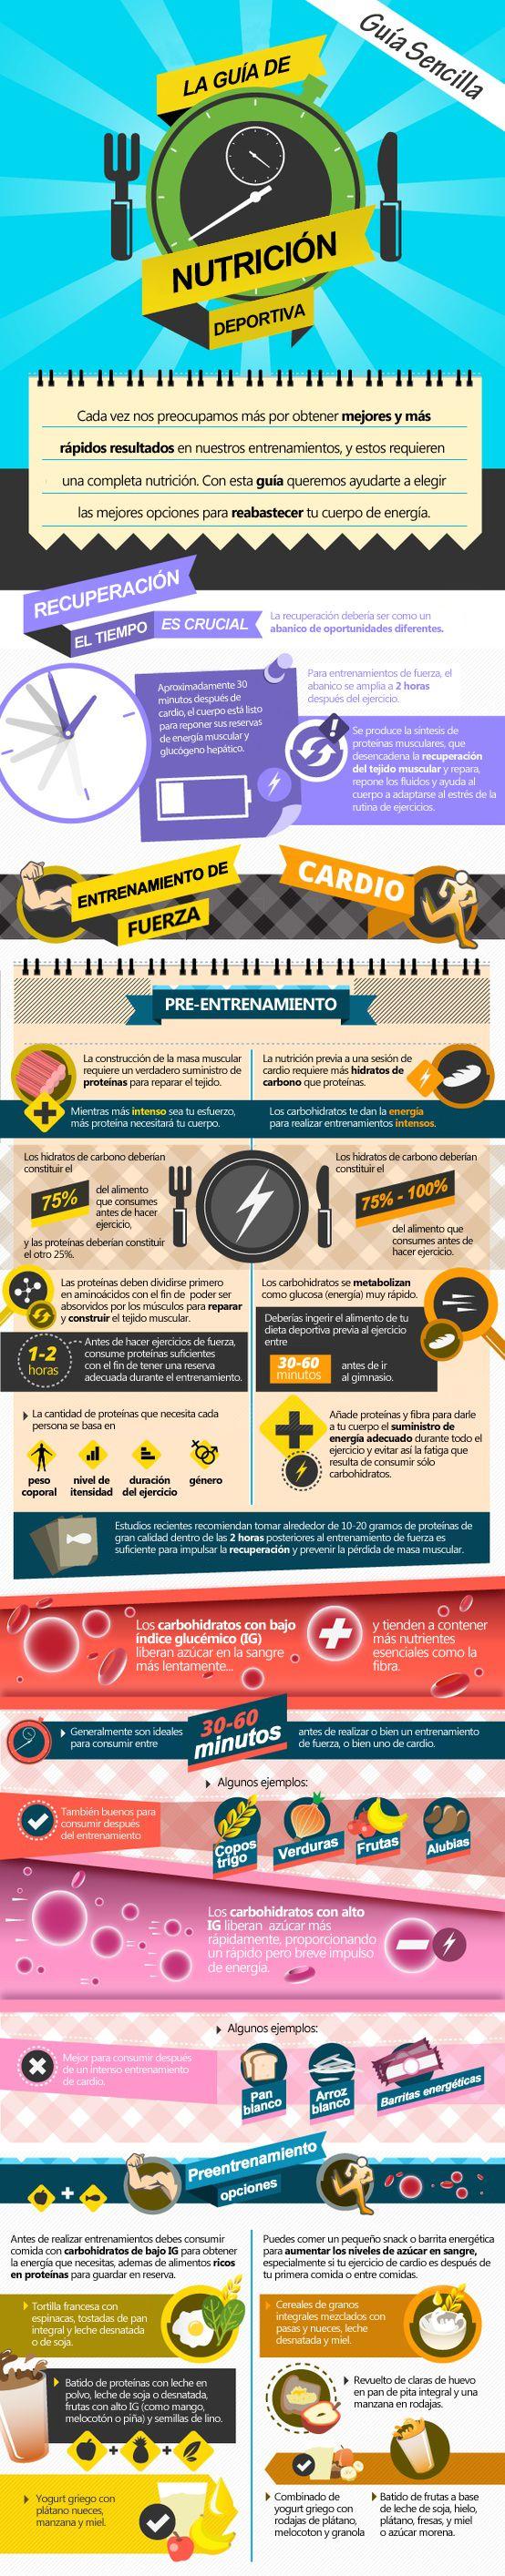 Qué comer antes de realizar ejercicio